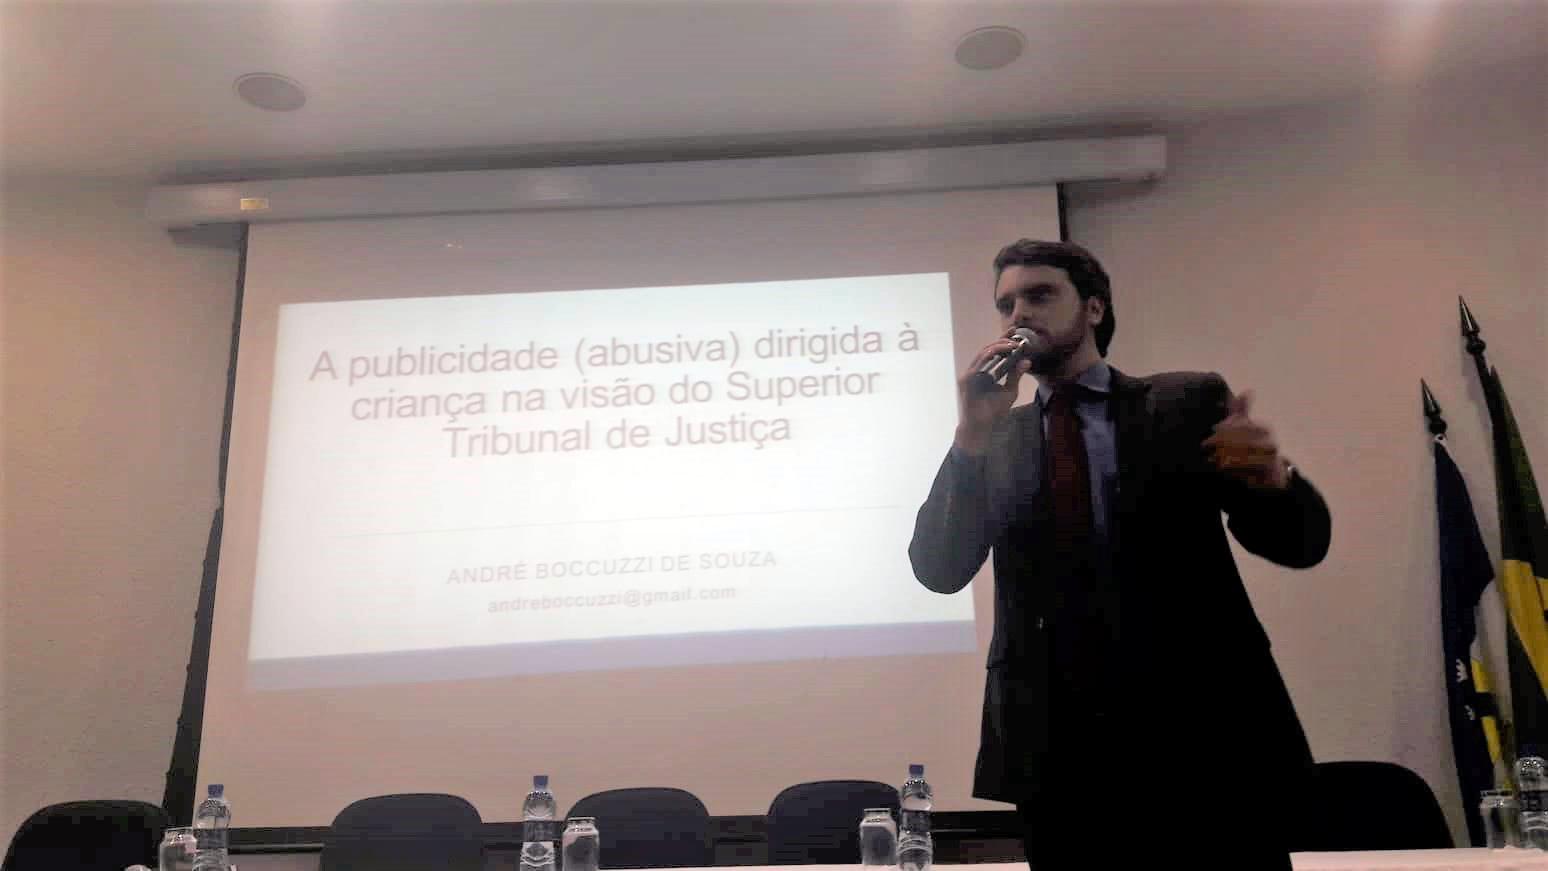 Semana Jurídica da Fundação Santo André recebe palestra sobre publicidade direcionada às crianças